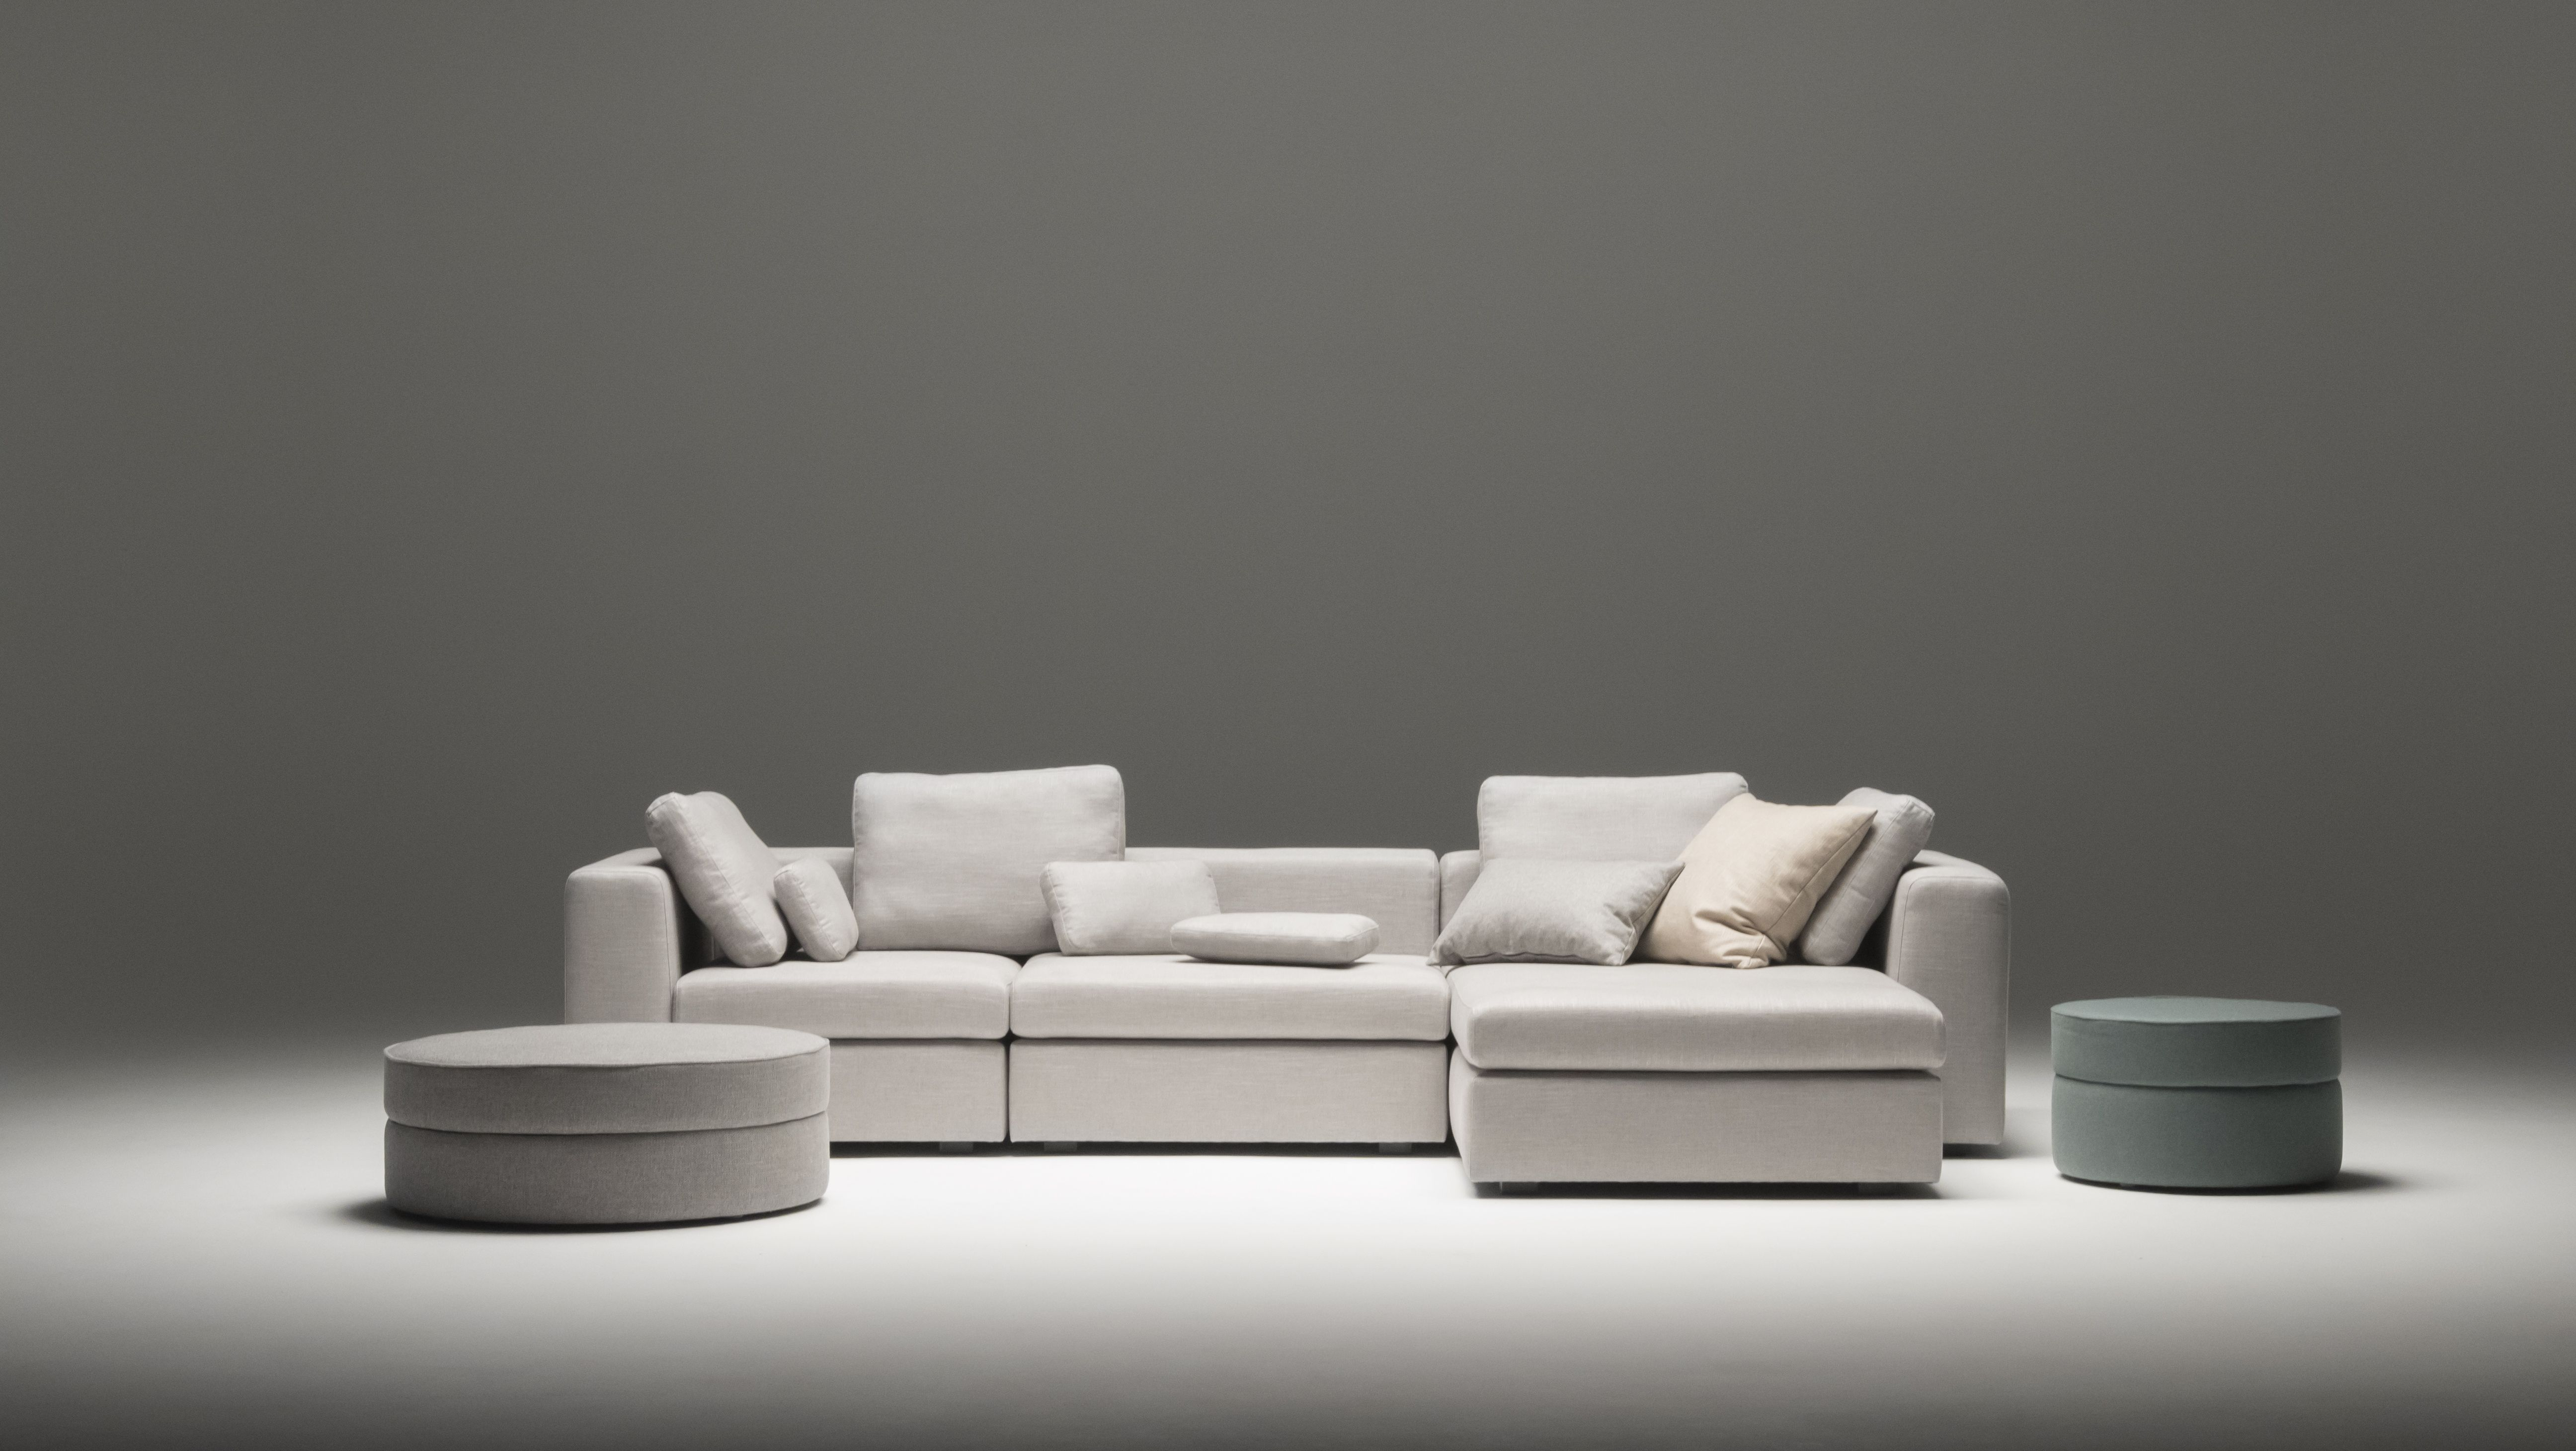 modernes modul ecksofa von sitzfeldt in grauem stoff und in der bestmoglichen qualitat design